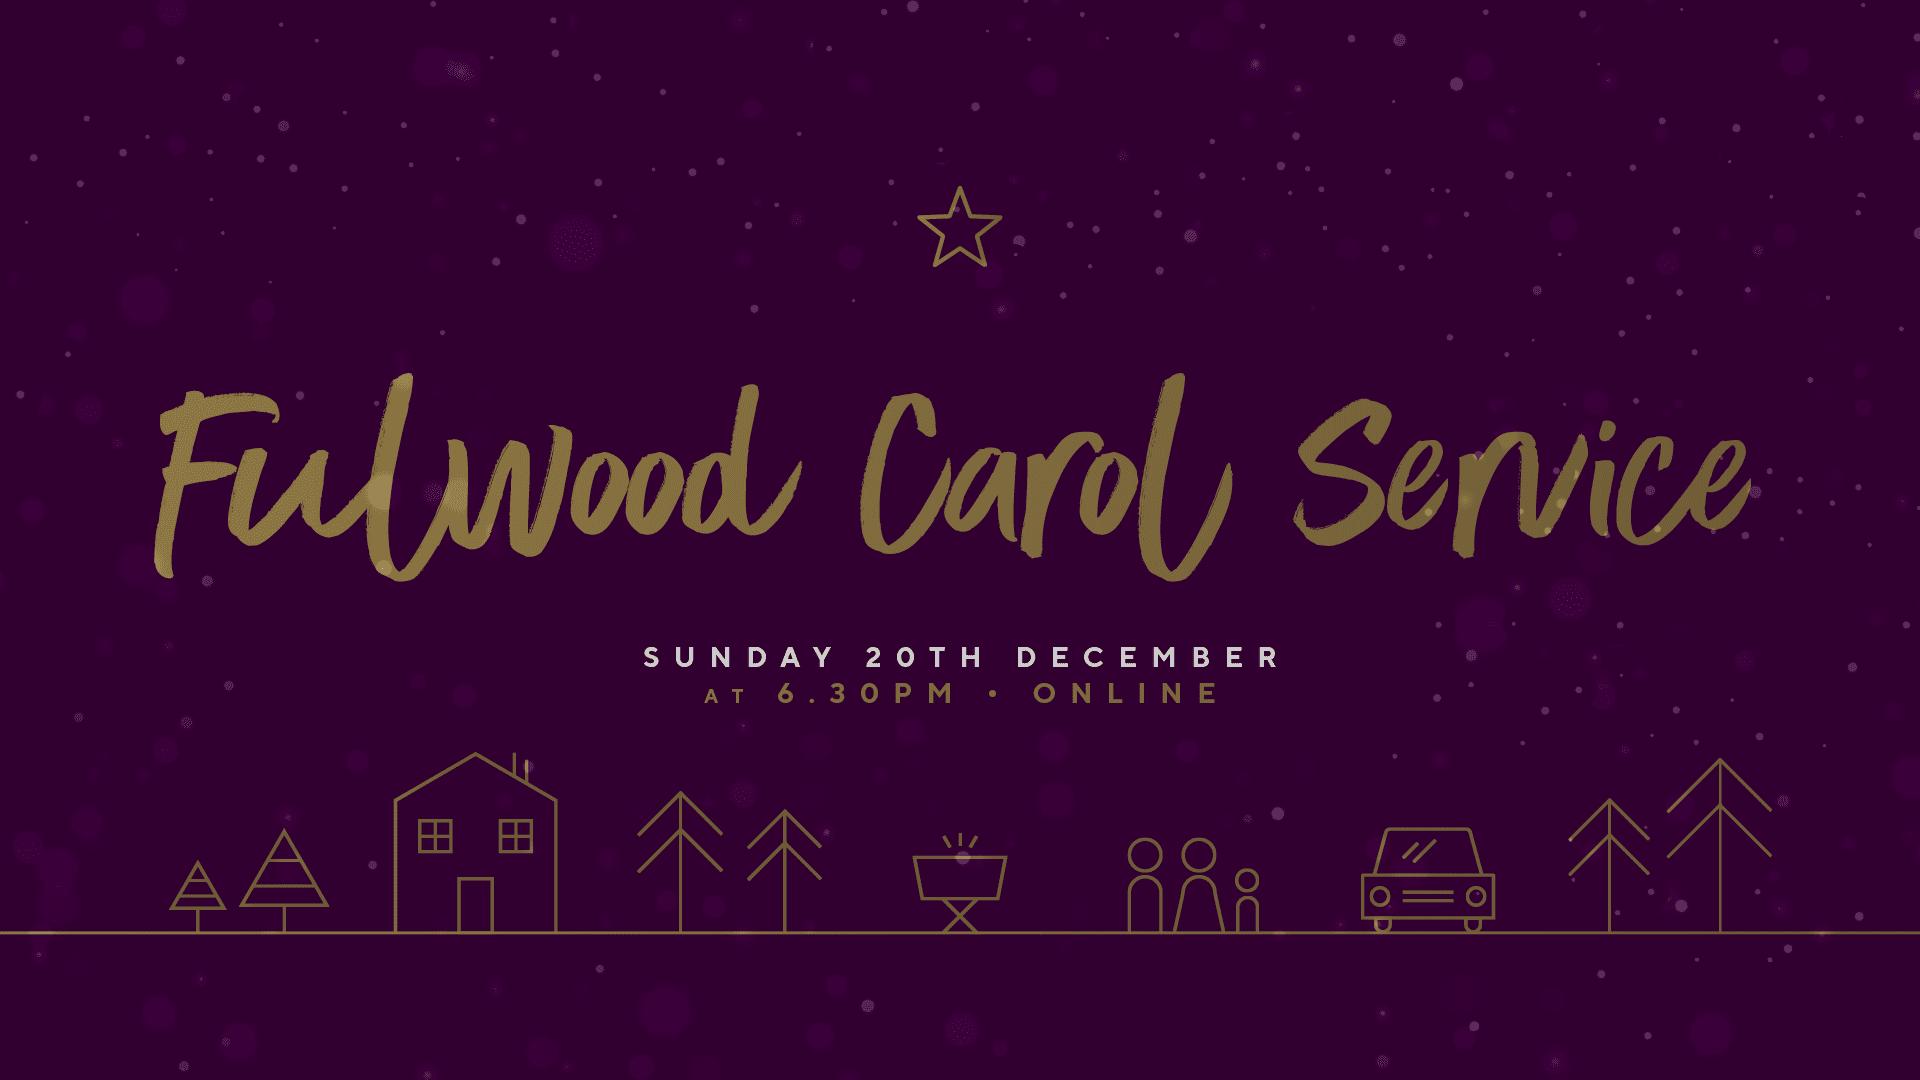 Fulwood Carol Service